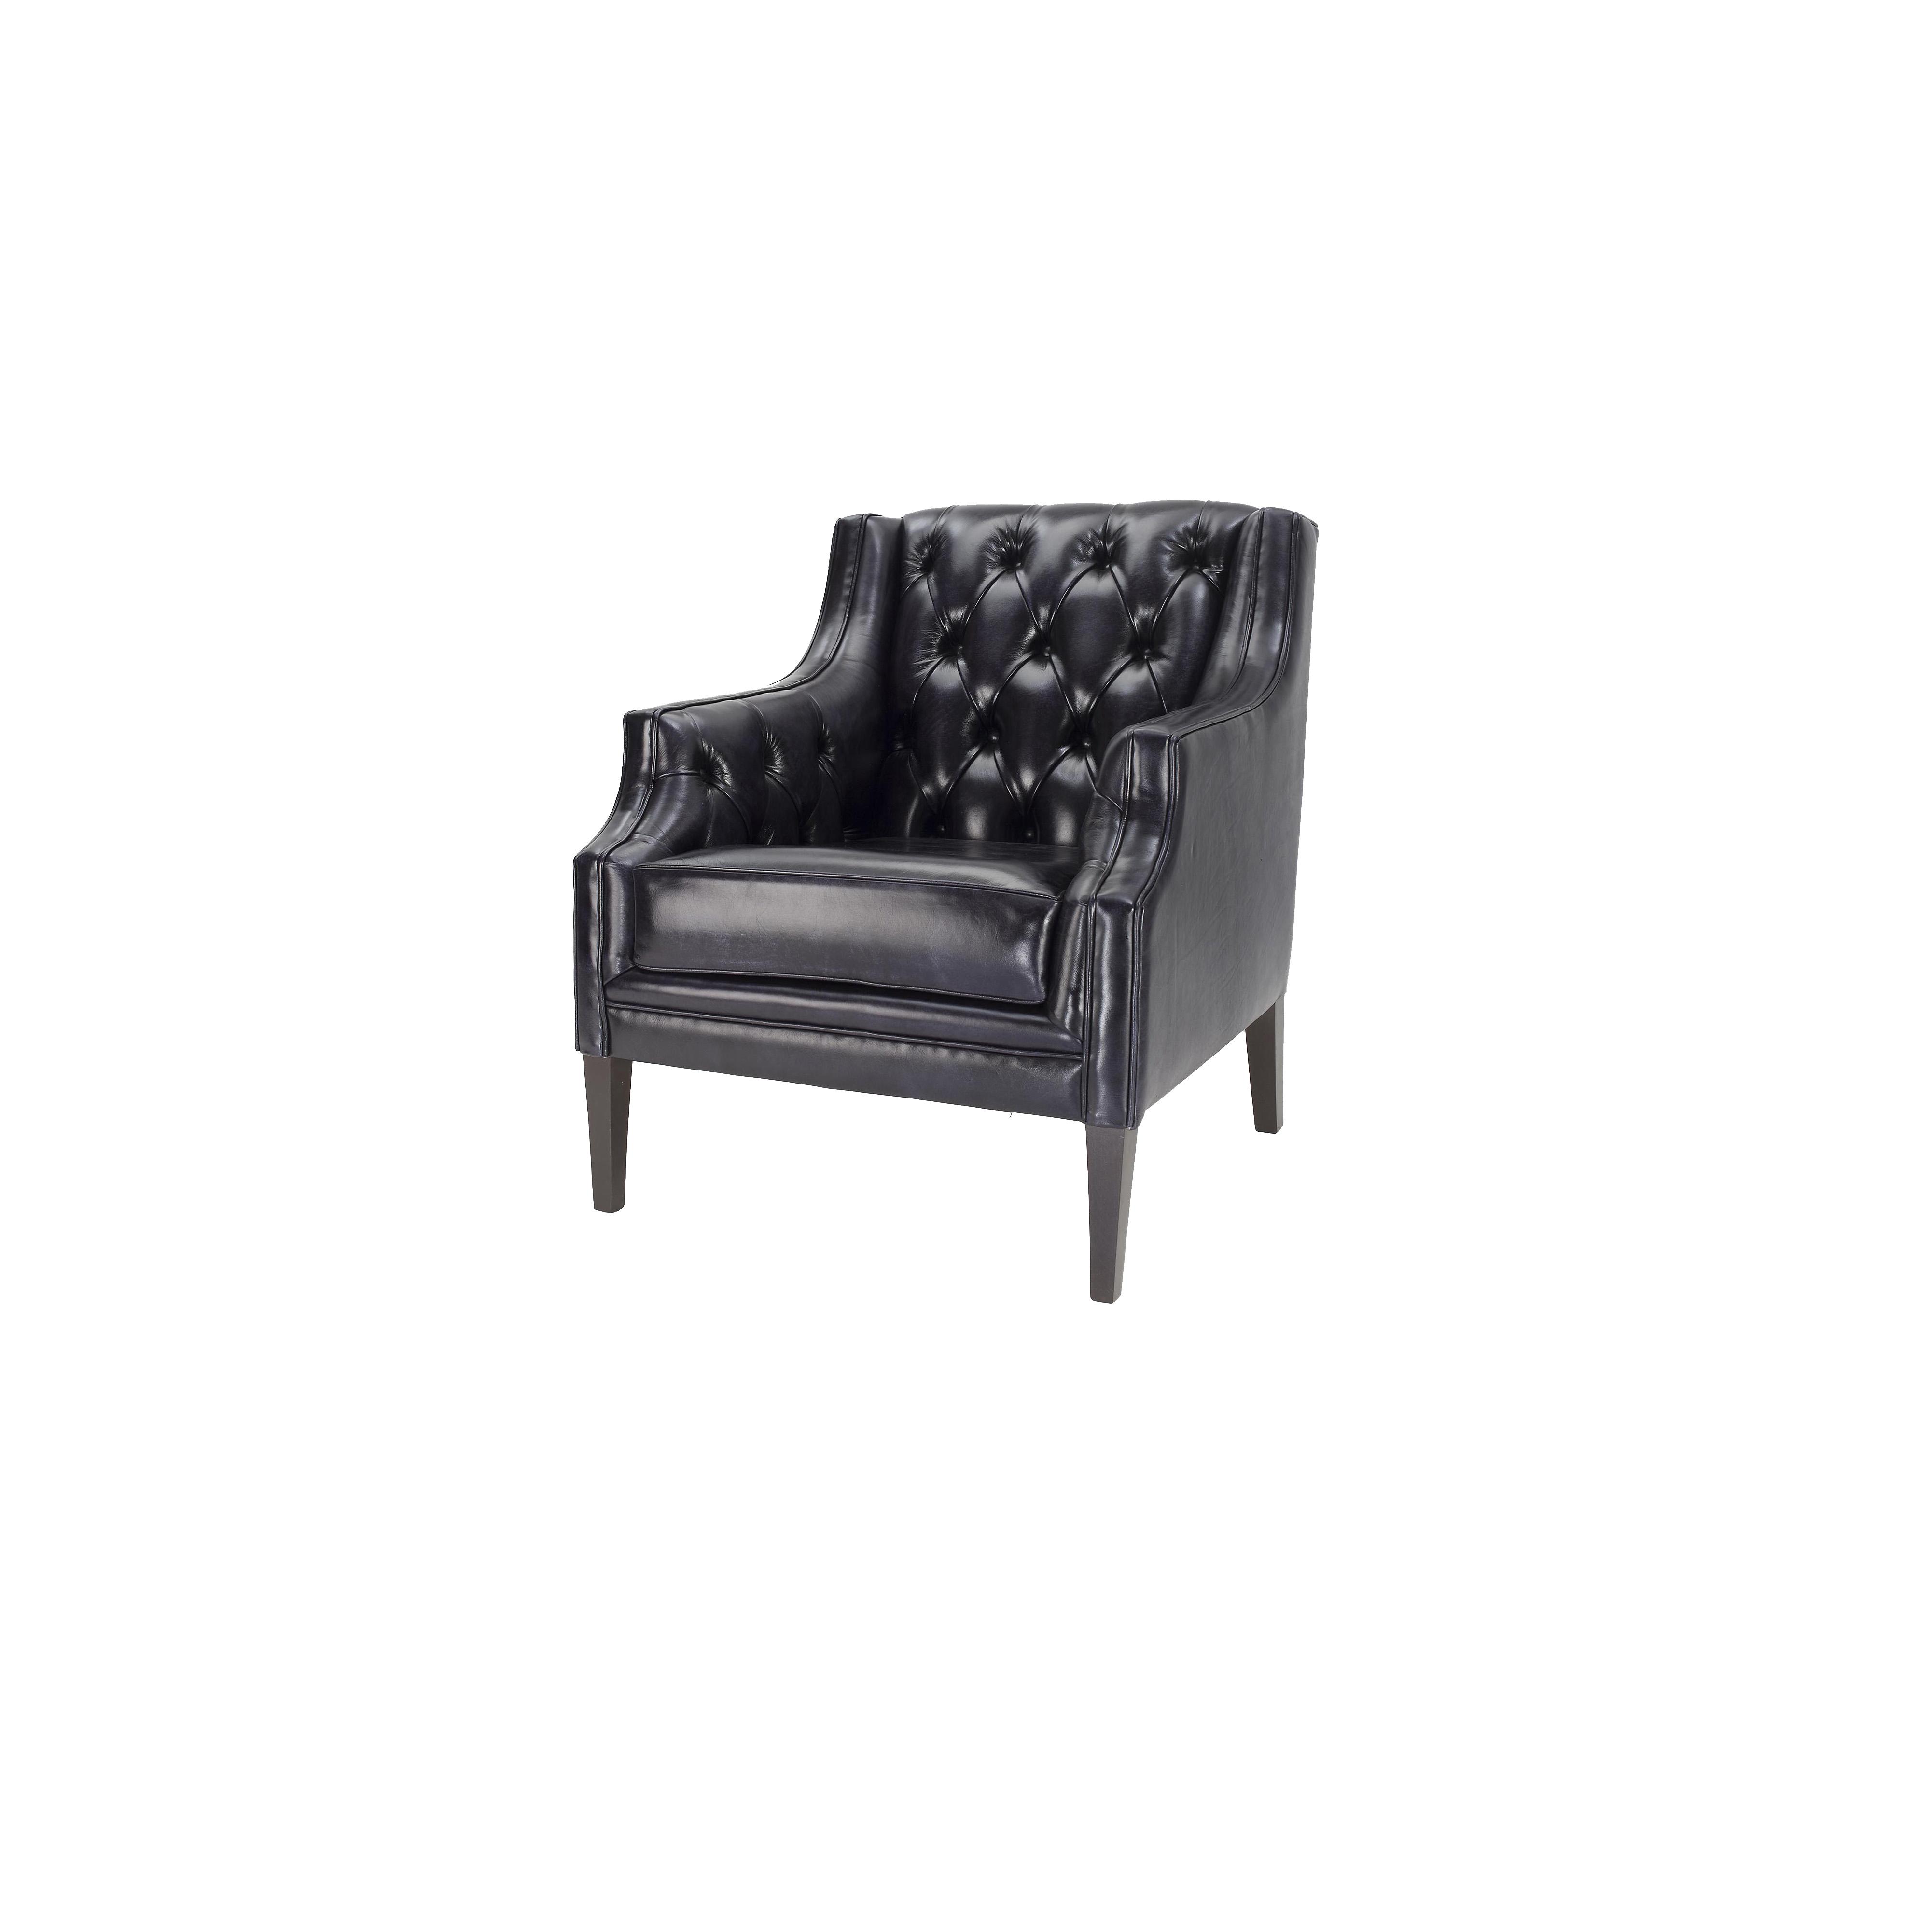 Czar armchair